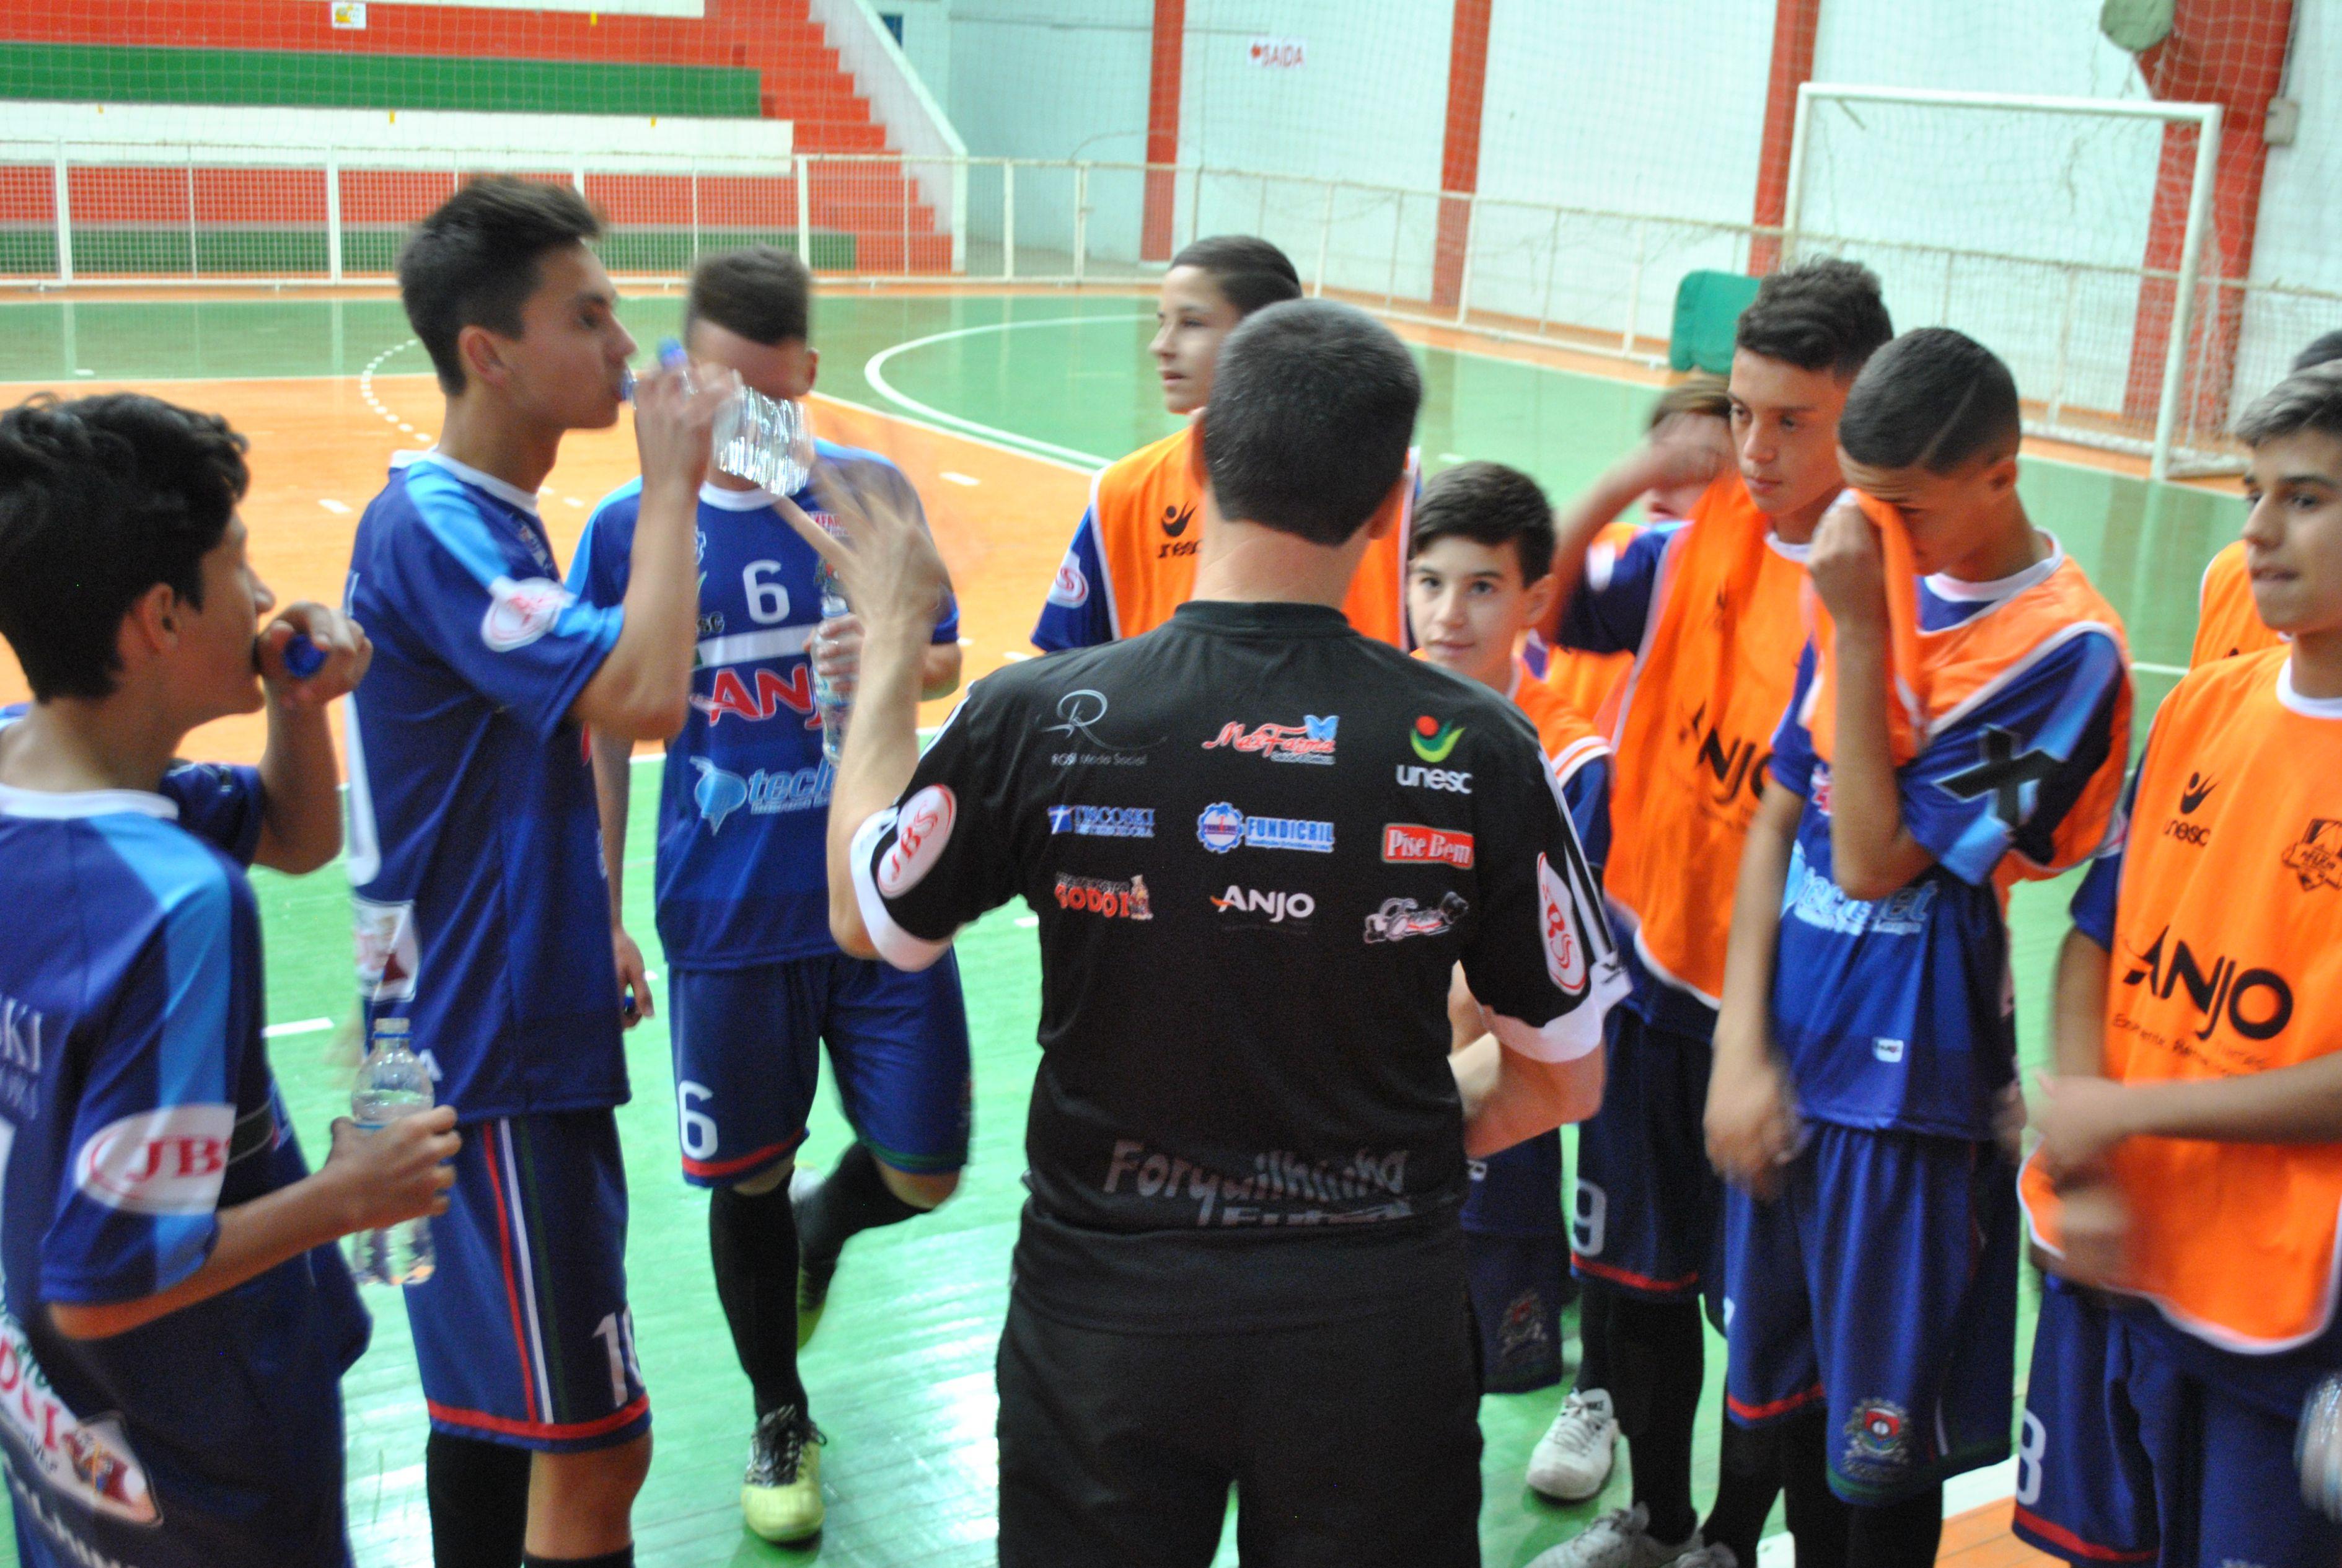 08668bc265 Resultados positivos para as equipes de Forquilhinha Anjo Futsal no ...